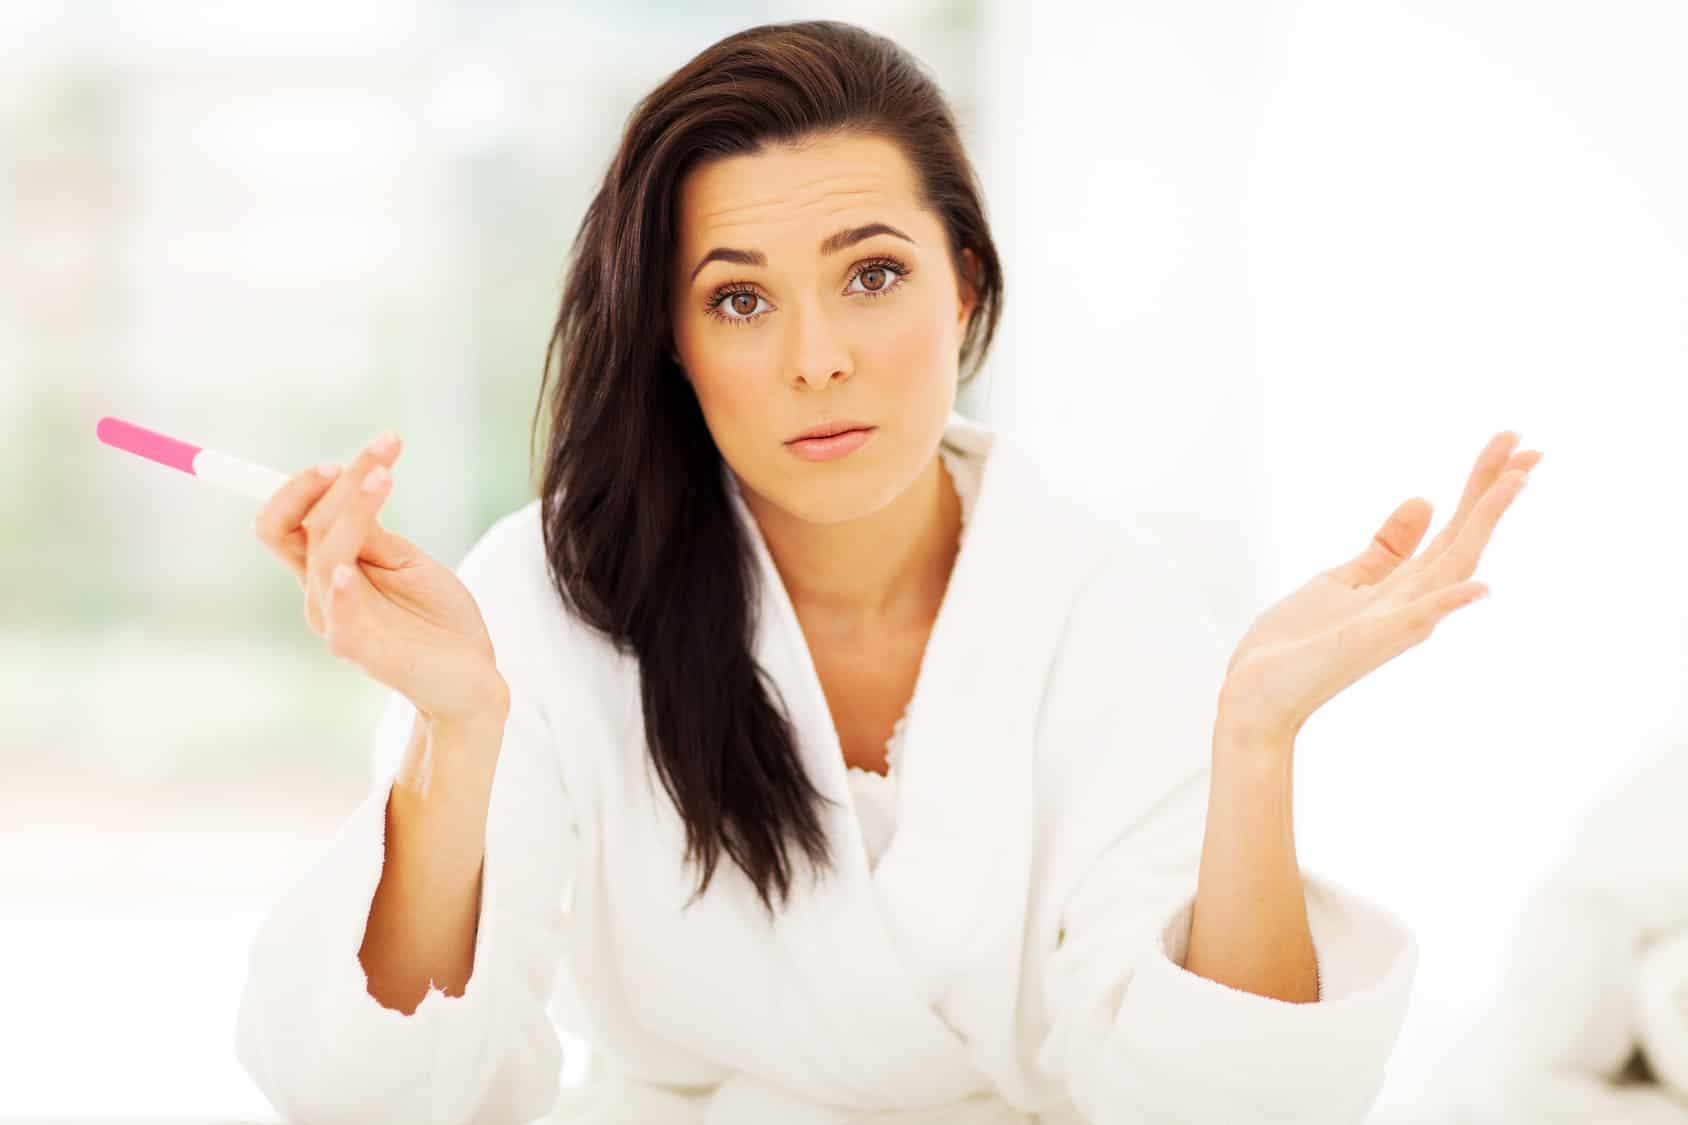 Vì sao không nên trì hoãn sinh nở đến cuối tuổi 30? 2